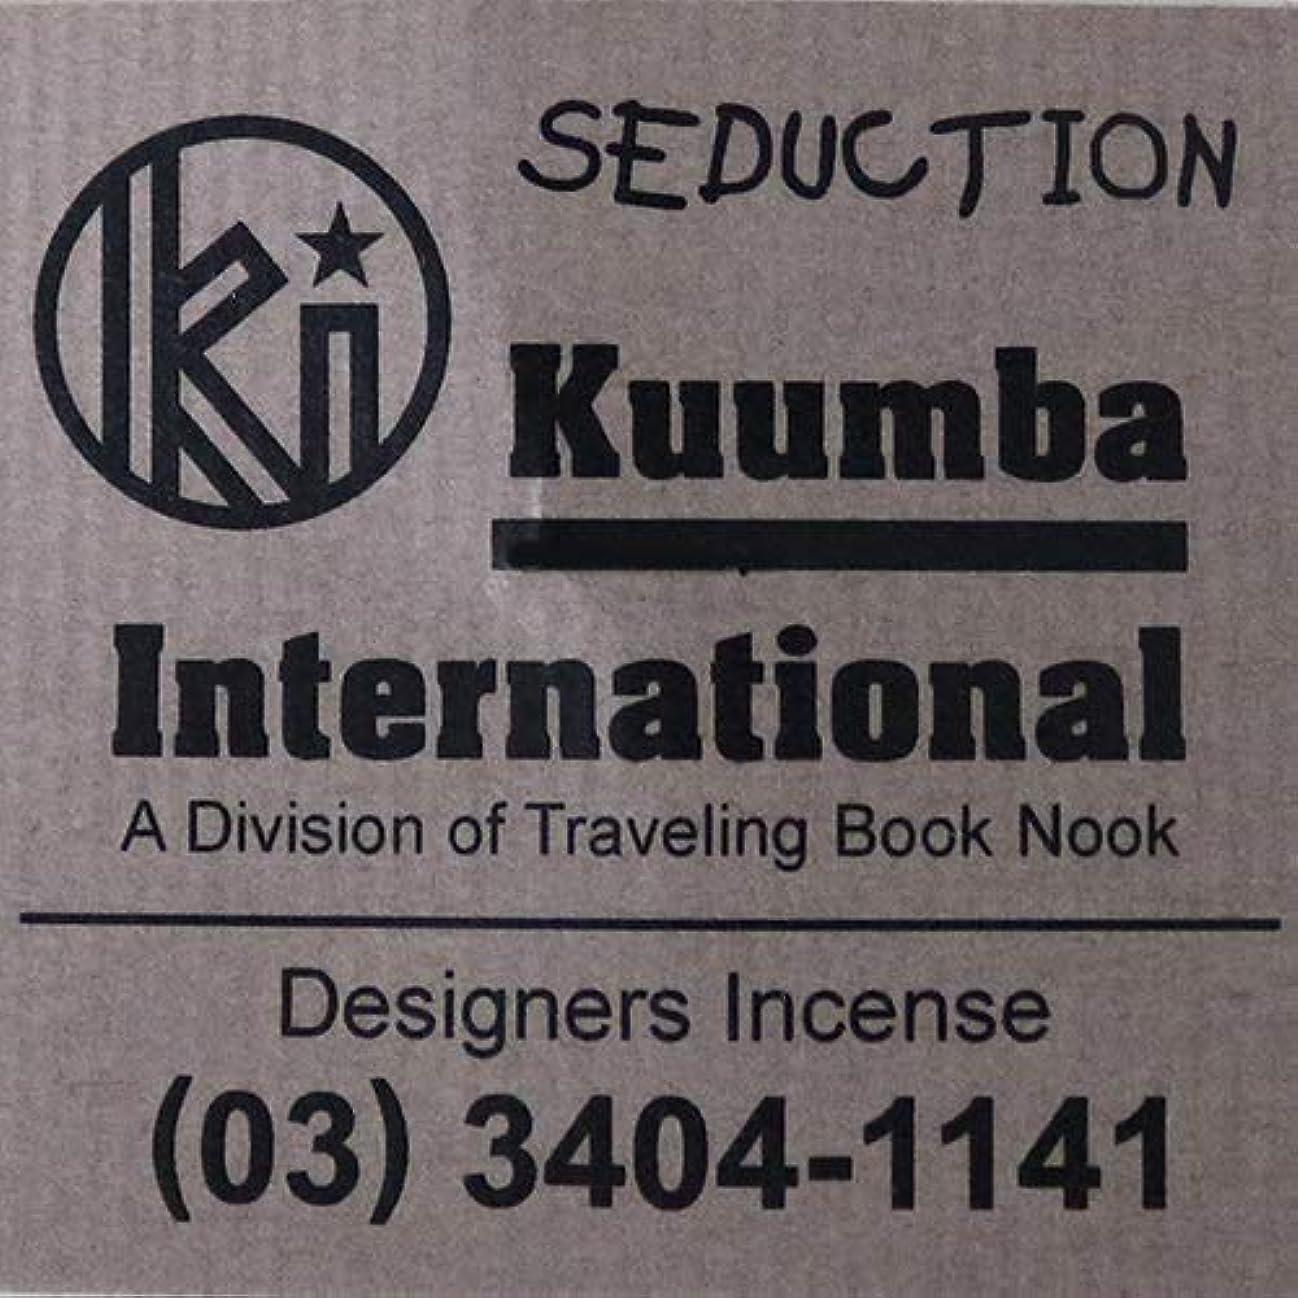 生理フォロー保険(クンバ) KUUMBA『incense』(SEDUCTION) (SEDUCTION, Regular size)